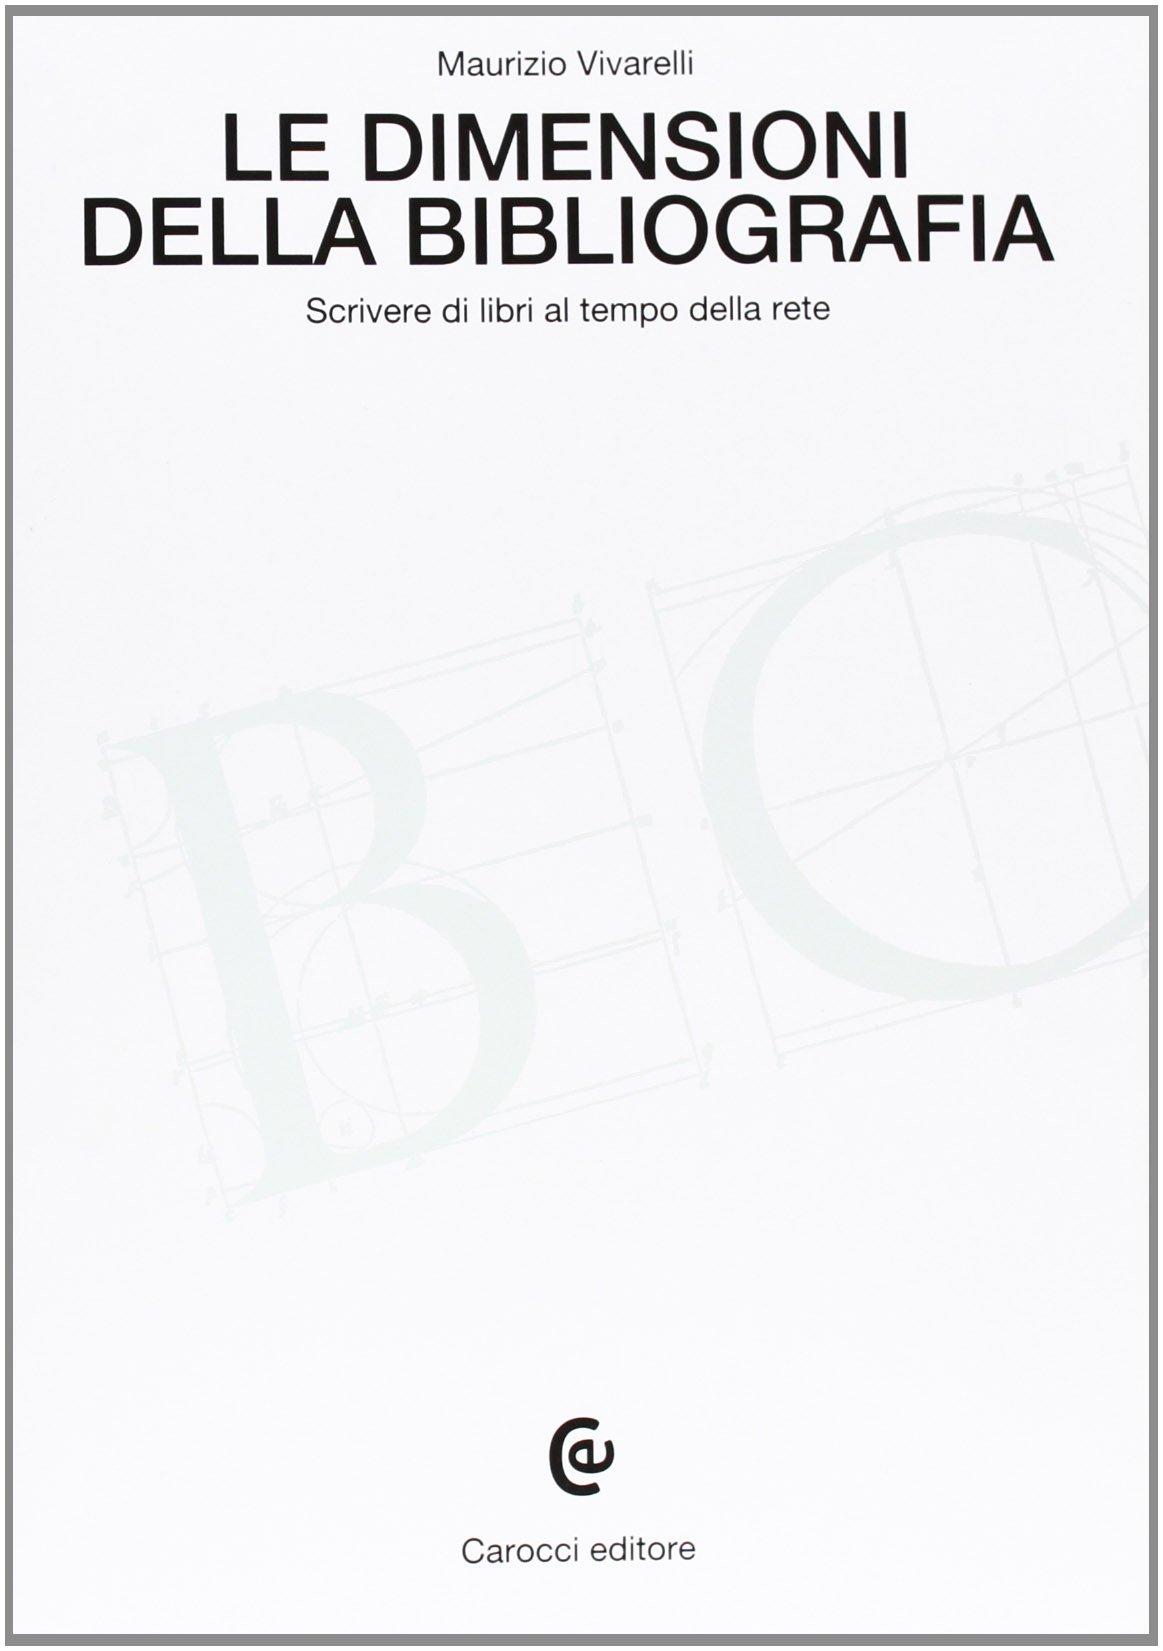 Le dimensioni della bibliografia. Scrivere di libri al tempo della rete Copertina flessibile – 30 mag 2013 Maurizio Vivarelli Carocci 884306908X BIBLIOGRAFIA E CATALOGHI